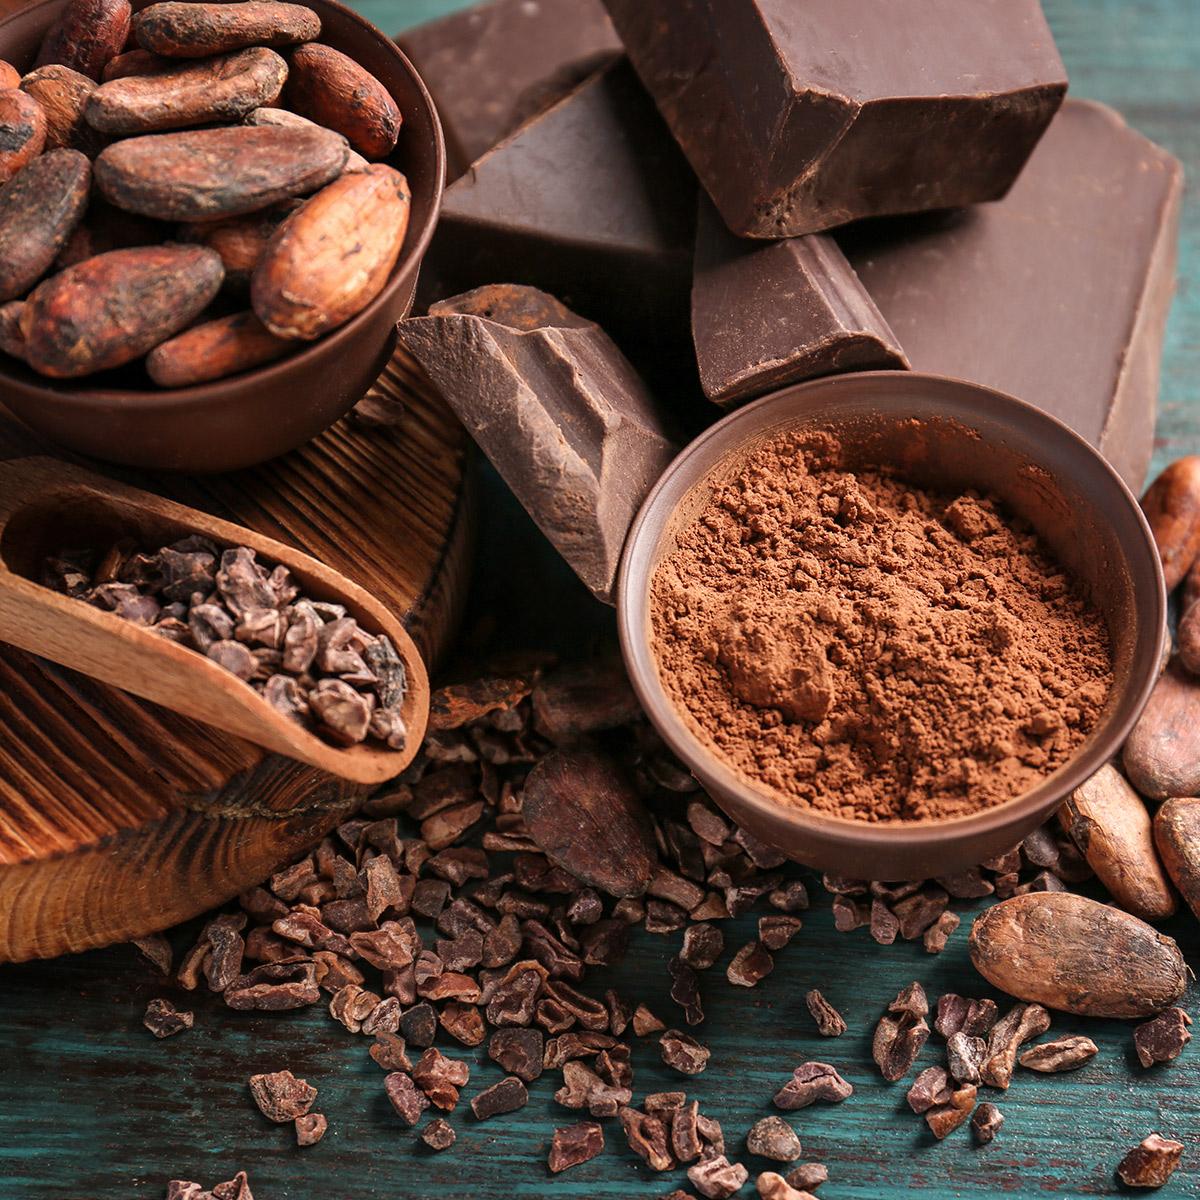 Фото какао тертое и порошок.